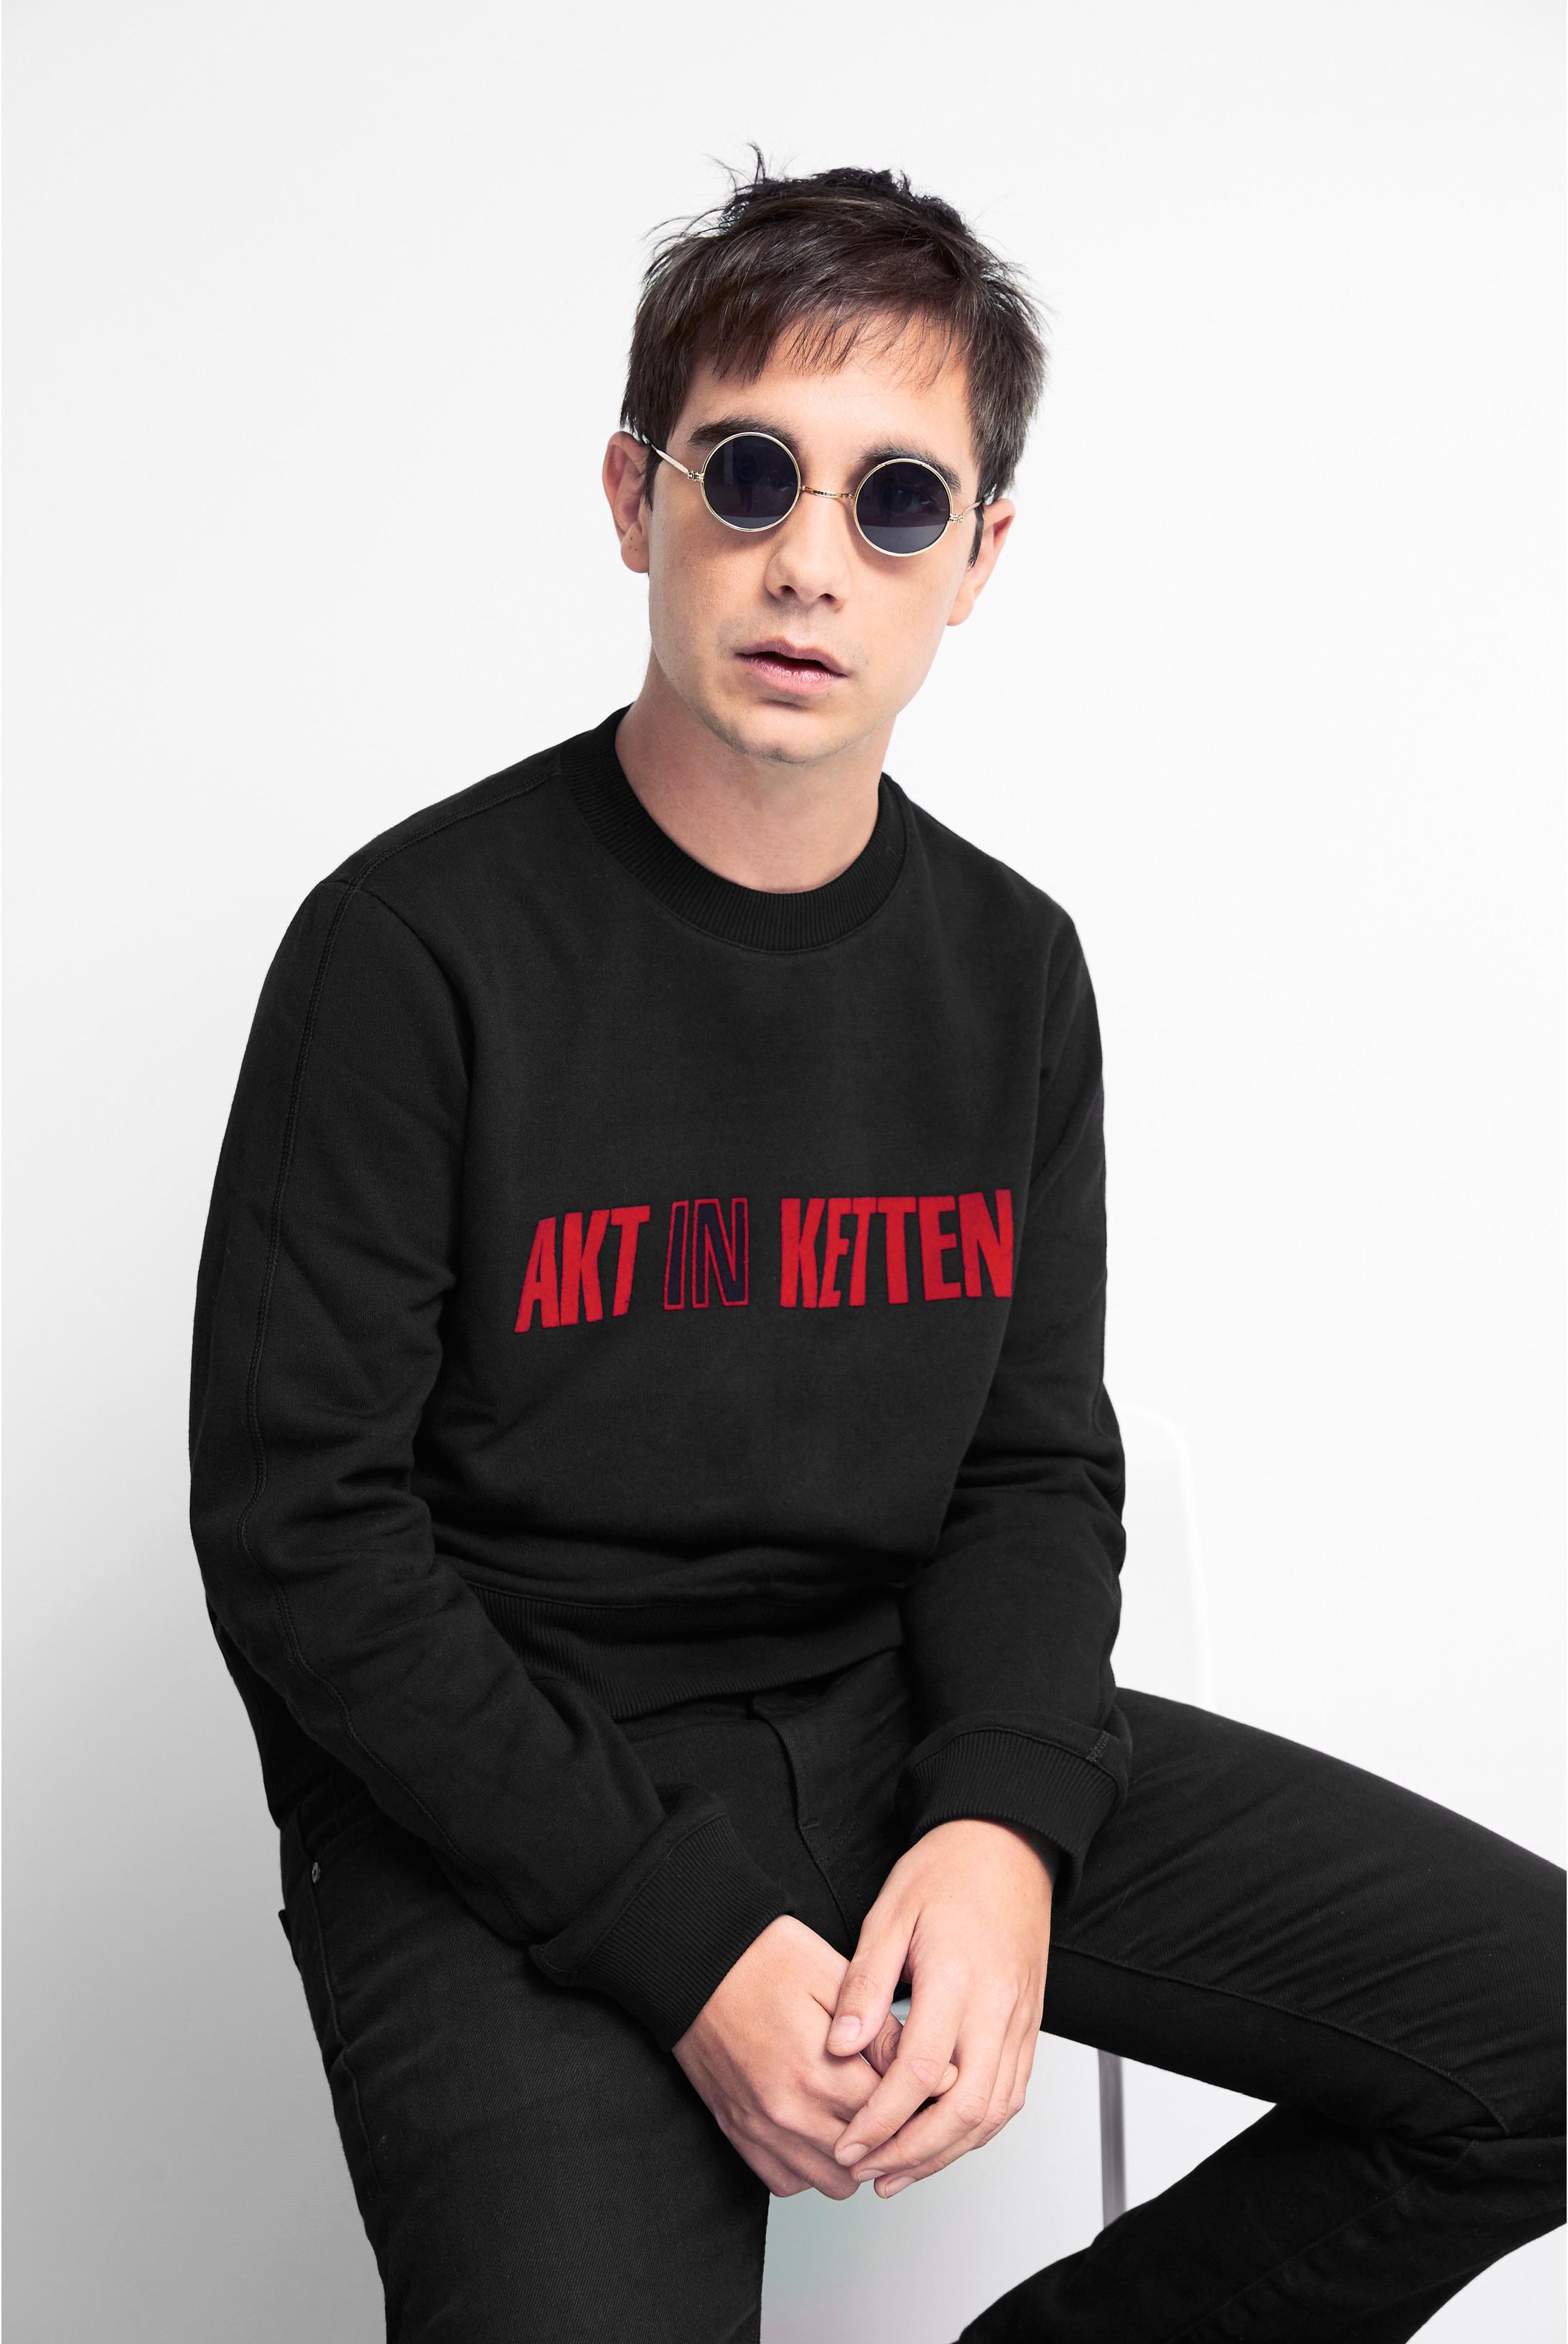 Pour cette collaboration exclusive, Paco Rabanne a fait appel non pas à des mannequins mais àde jeunescréatifs (DJ, directeur de création, architecte...).